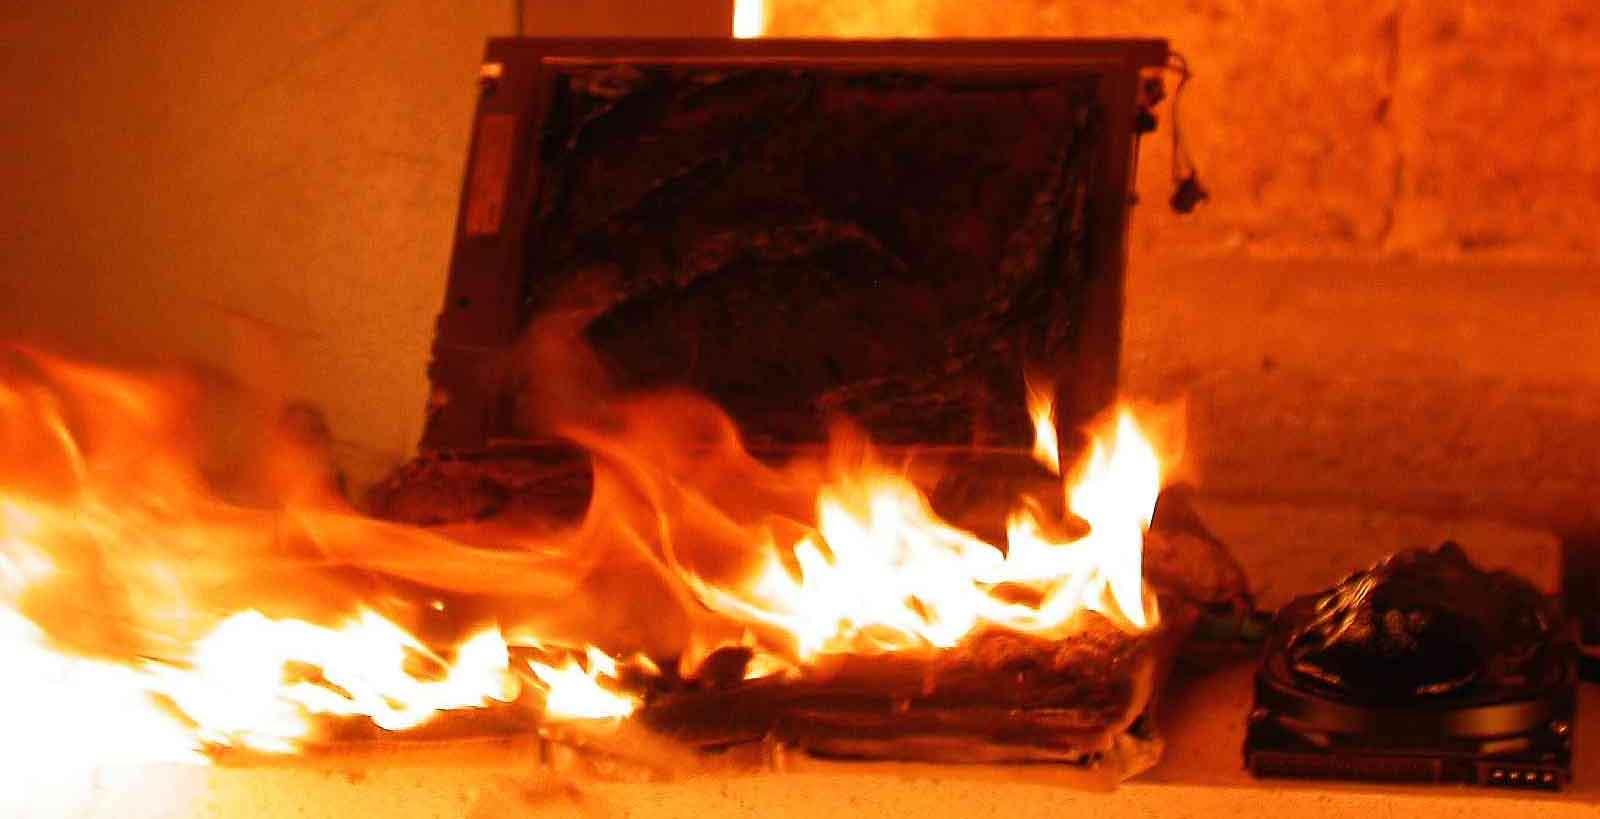 BurnedLaptop